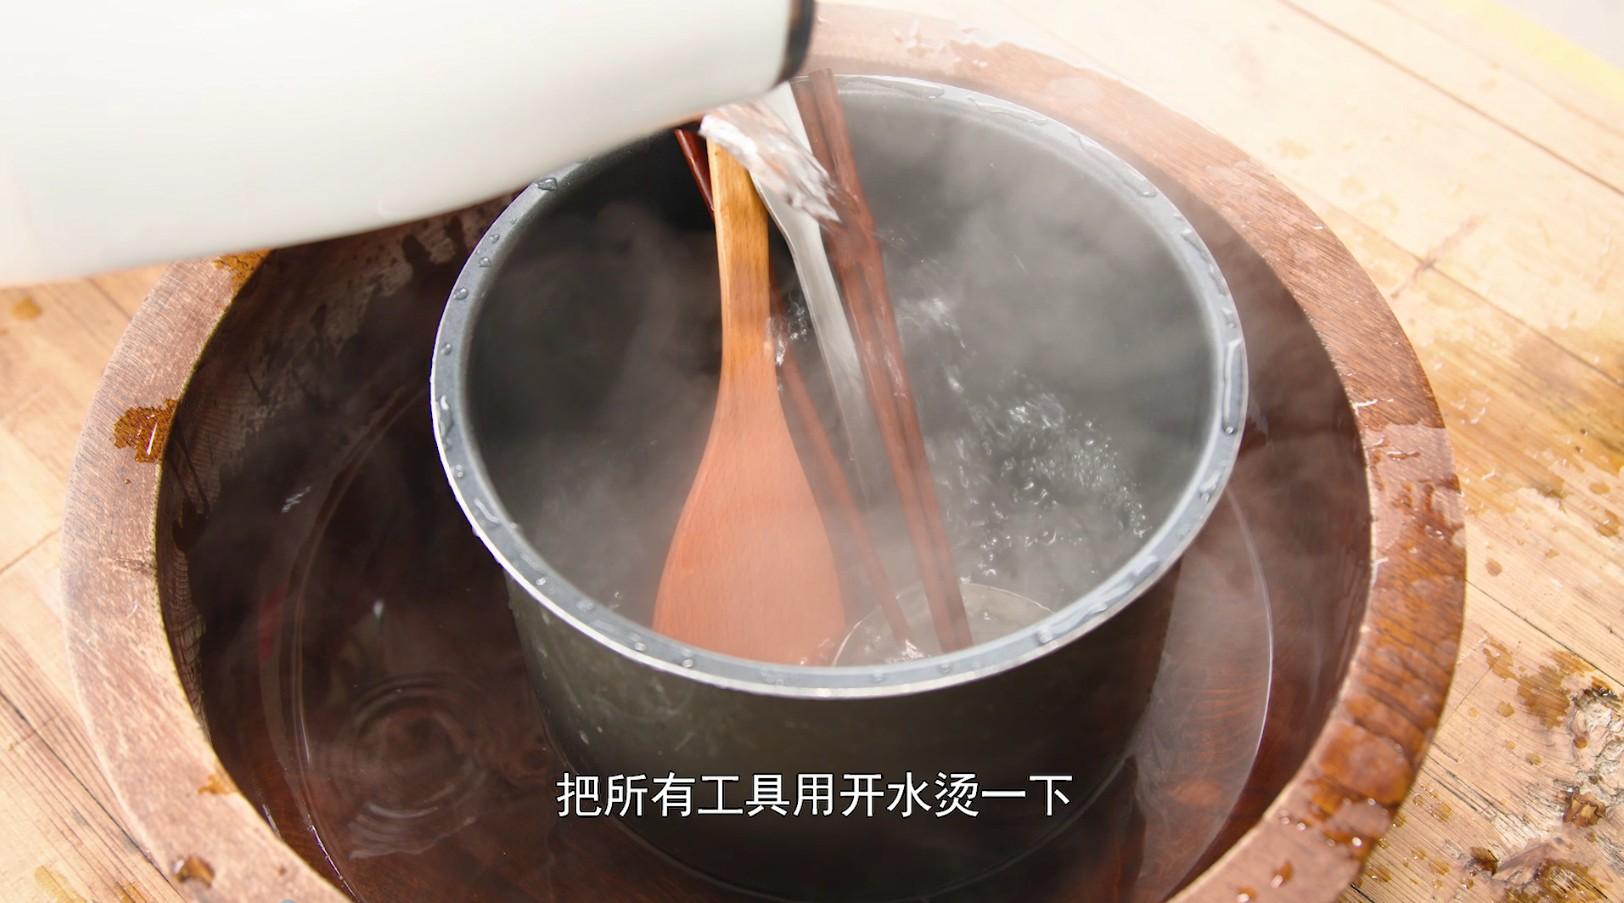 传统甜酒(醪糟)做法,和鸡蛋红枣一起喝,很养生怎么吃